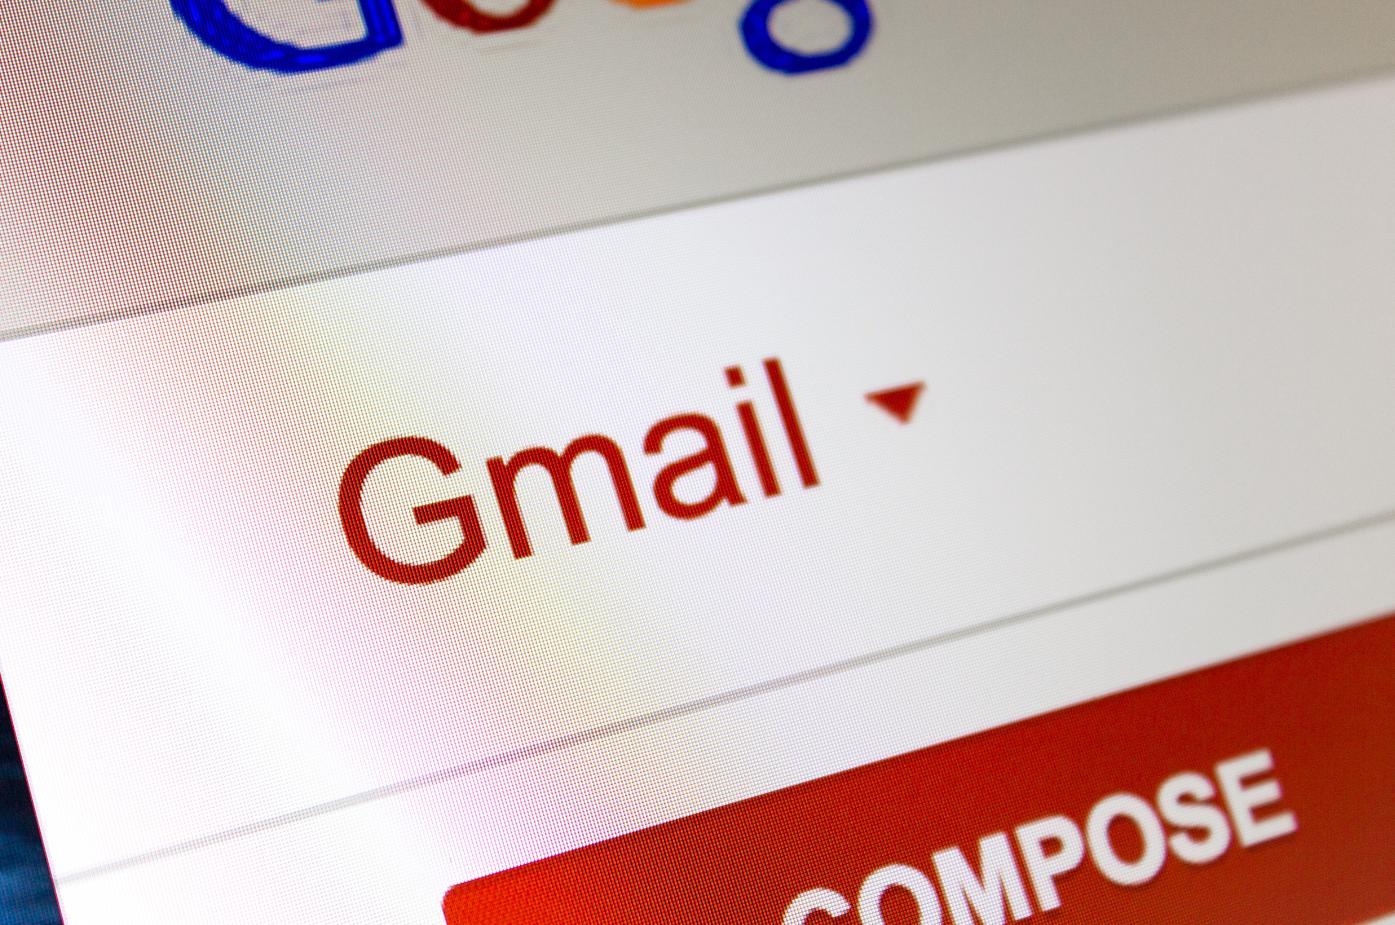 騙取 Google 帳號存取權限的新式網路釣魚郵件正夯